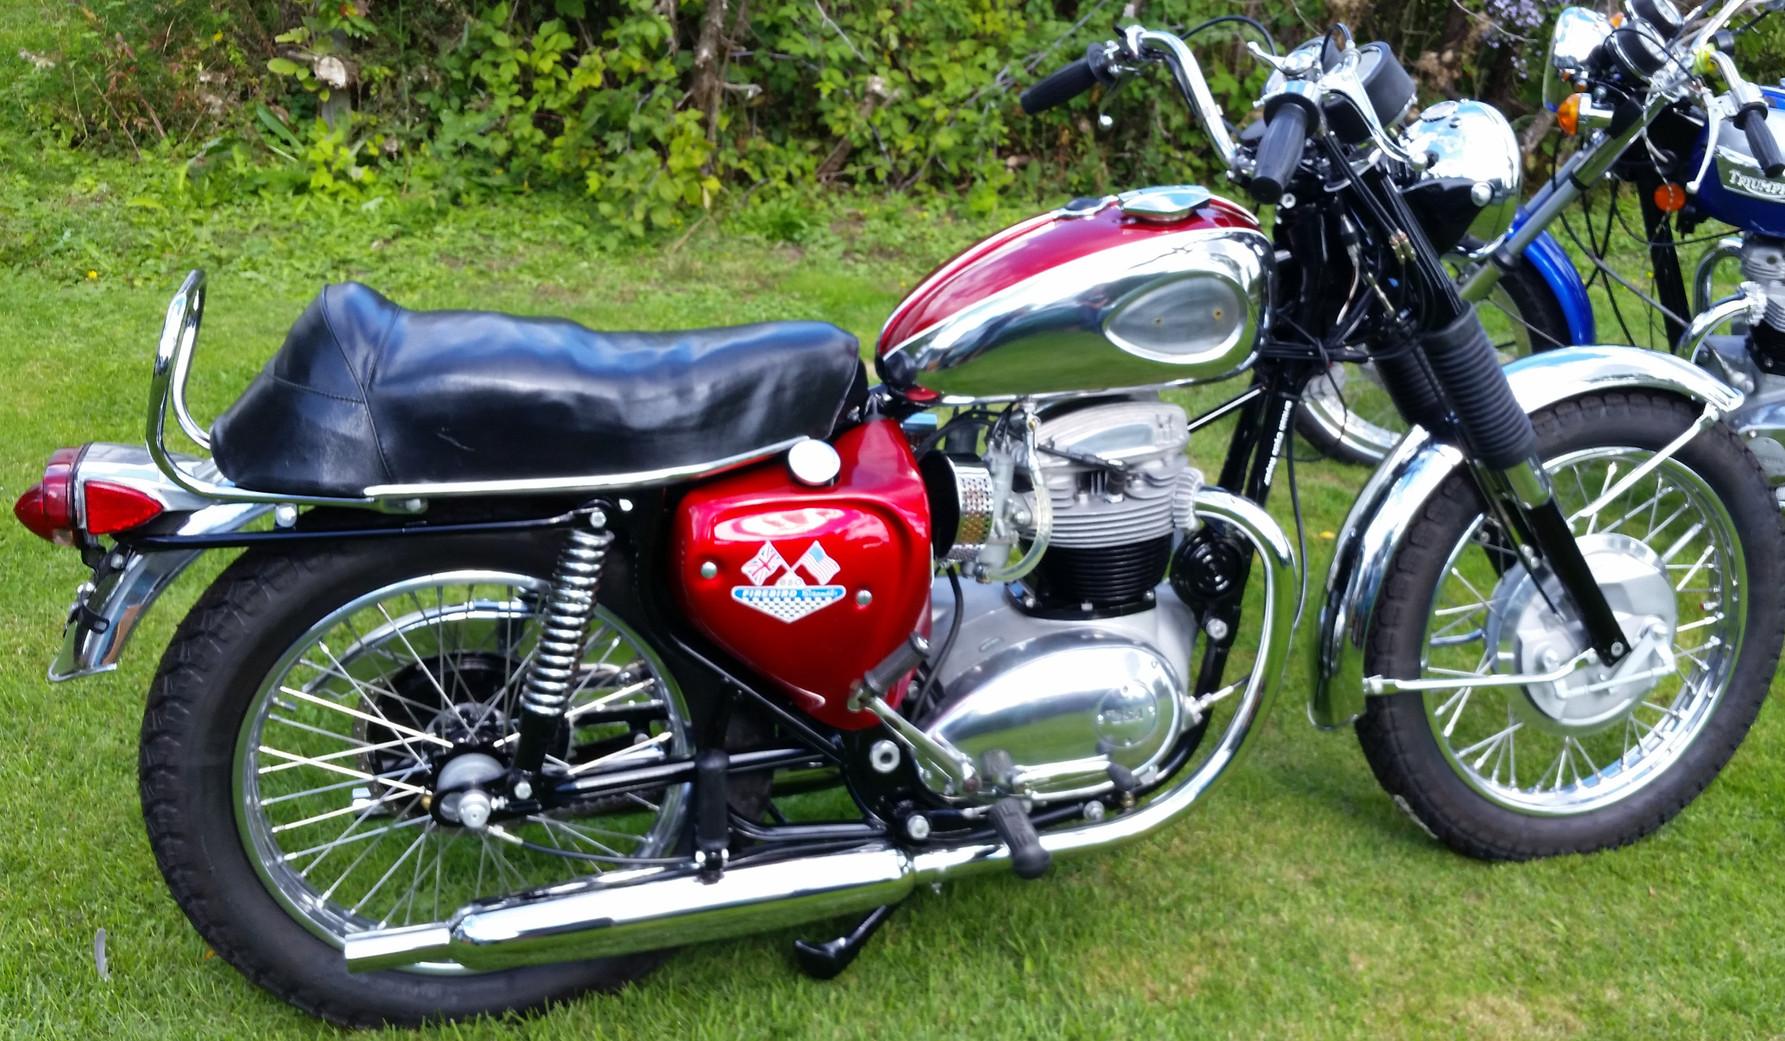 1970 650 BSA Firebird